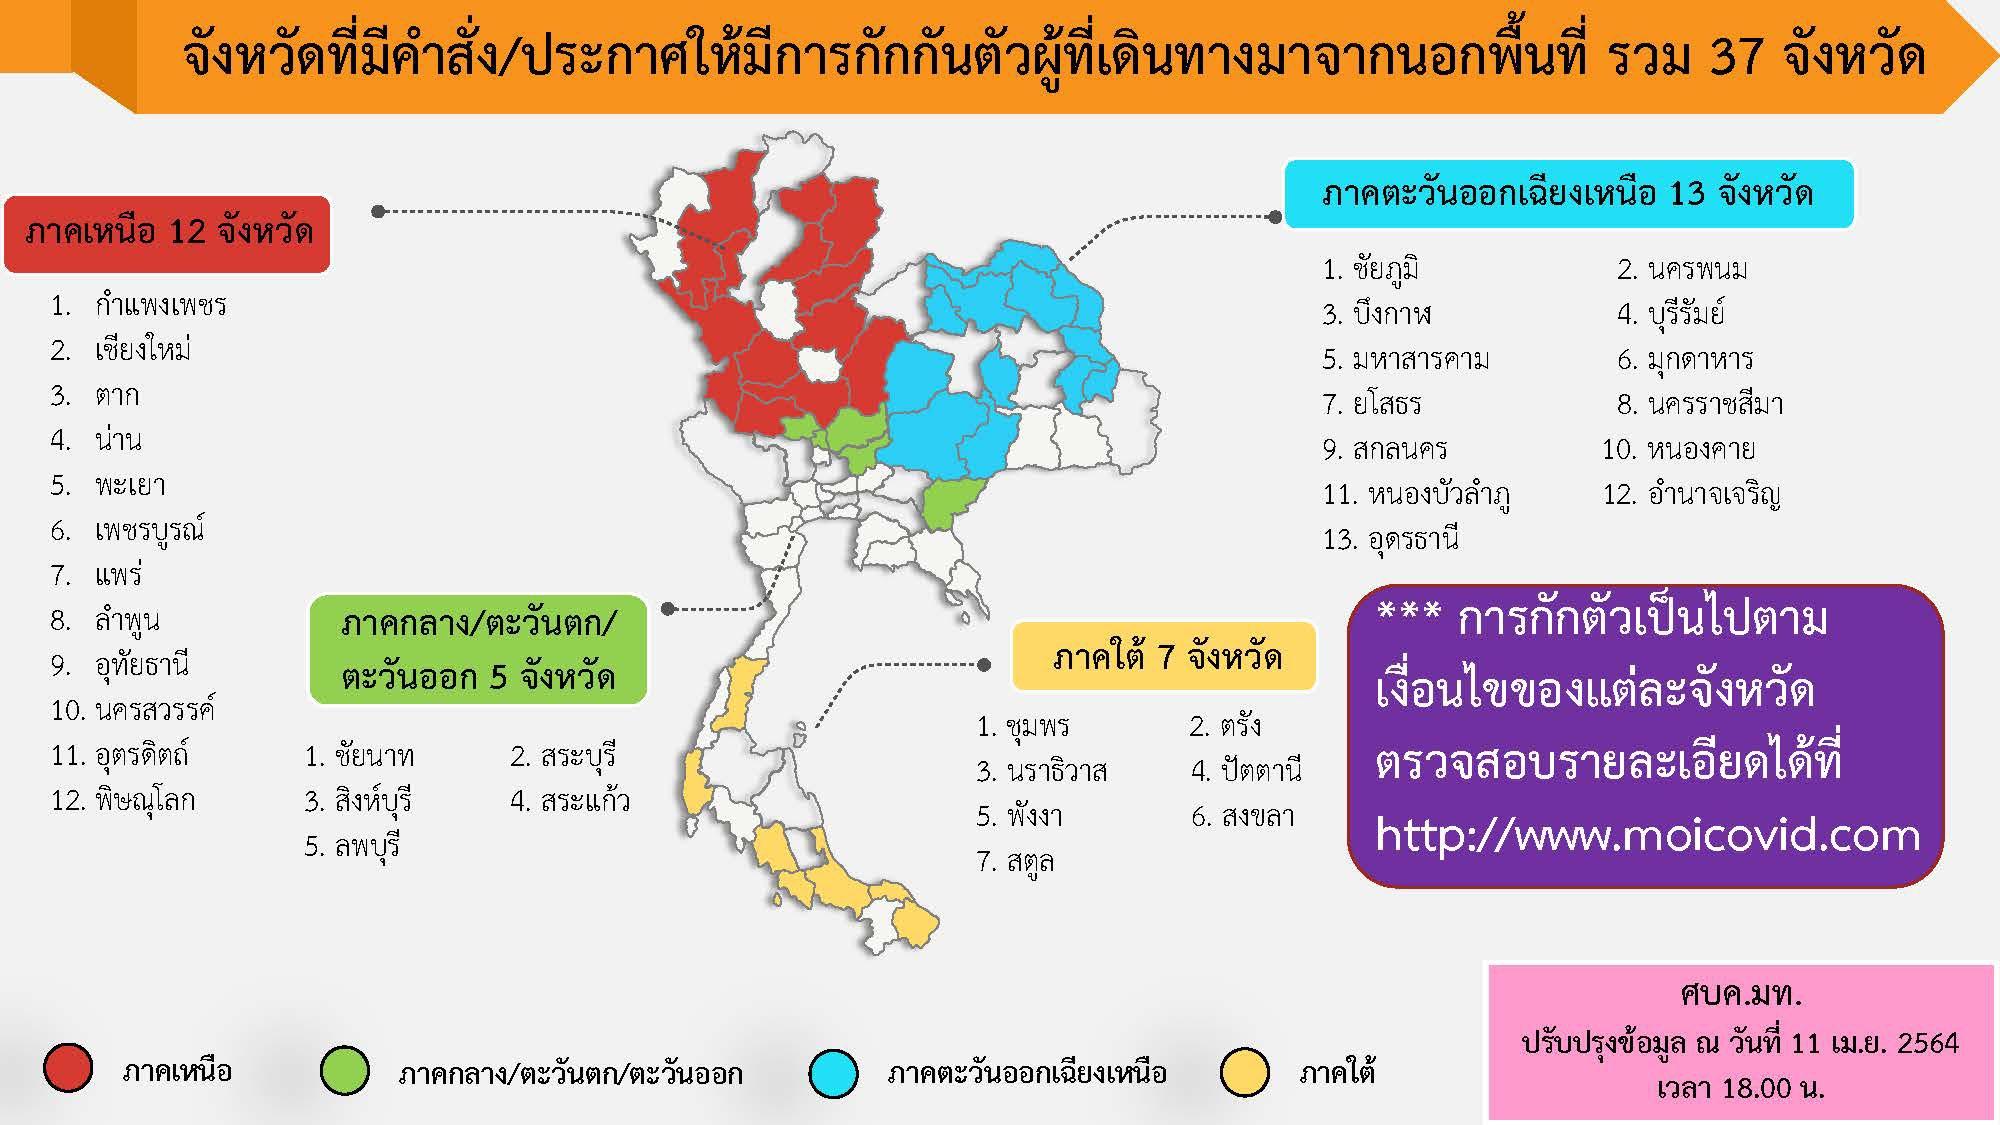 www.thaiguide.dk/images/forum/covid19/provinser%20med%20indrejse%20restriktioner%2011-04-21.jpeg